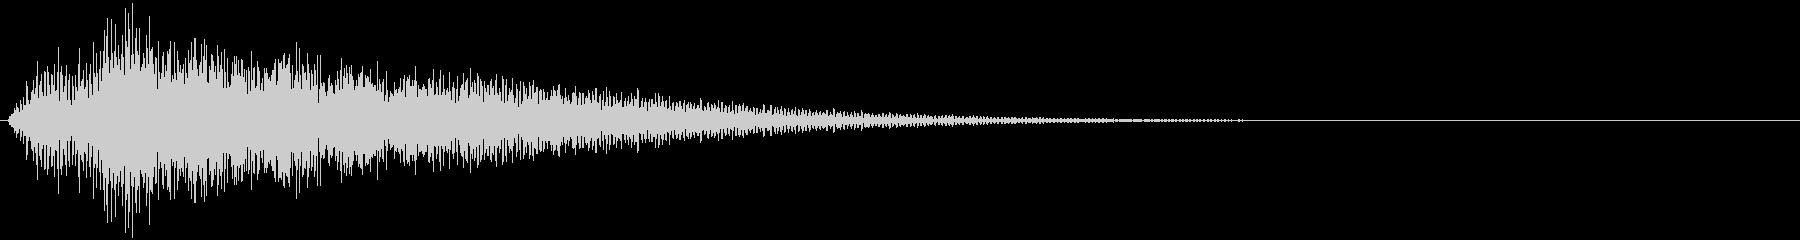 フワーォーン(SF・アクセント)の未再生の波形